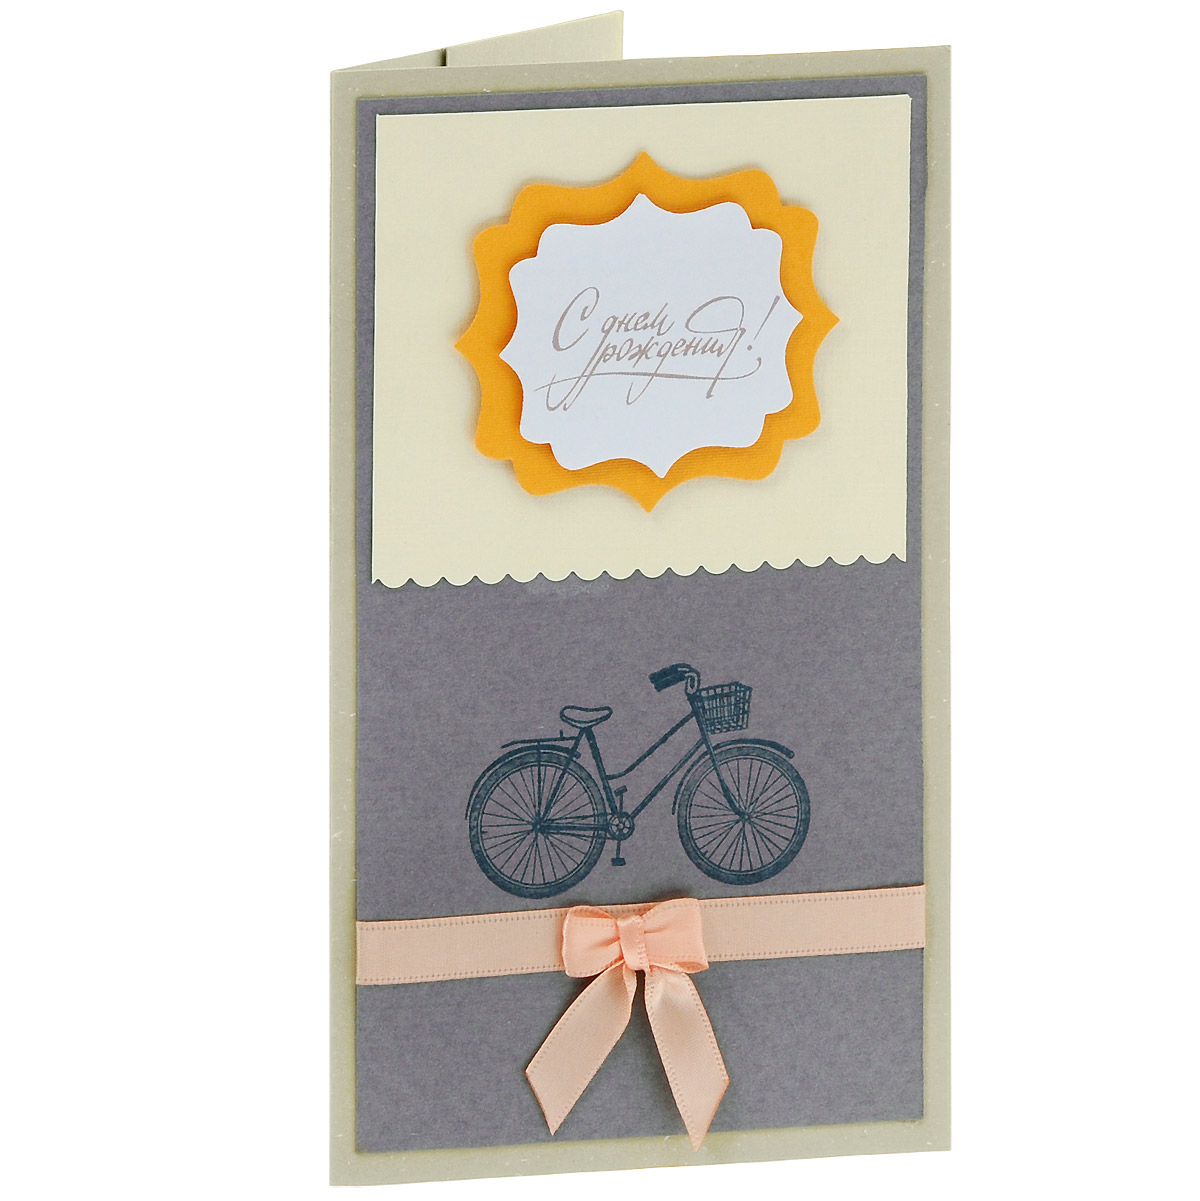 ОЖ-0023 Открытка-конверт «С Днём Рождения!» (велосипед, серо-персиковая). Студия «Тётя Роза»94534Характеристики: Размер 19 см x 11 см.Материал: Высоко-художественный картон, бумага, декор. Данная открытка может стать как прекрасным дополнением к вашему подарку, так и самостоятельным подарком. Так как открытка является и конвертом, в который вы можете вложить ваш денежный подарок или просто написать ваши пожелания на вкладыше. Сдержанная, но очень стильная открытка выполнена в благородных серо-охристых тонах. Центральная надпись располагается на изящной фигурной табличке, послойно поднимающейся над общим фоном лицевой части. Милый персиковый бант из атласной ленты завершает композицию. Также открытка упакована в пакетик для сохранности.Обращаем Ваше внимание на то, что открытка может незначительно отличаться от представленной на фото.Открытки ручной работы от студии Тётя Роза отличаются своим неповторимым и ярким стилем. Каждая уникальна и выполнена вручную мастерами студии. (Открытка для мужчин, открытка для женщины, открытка на день рождения, открытка с днем свадьбы, открытка винтаж, открытка с юбилеем, открытка на все случаи, скрапбукинг)